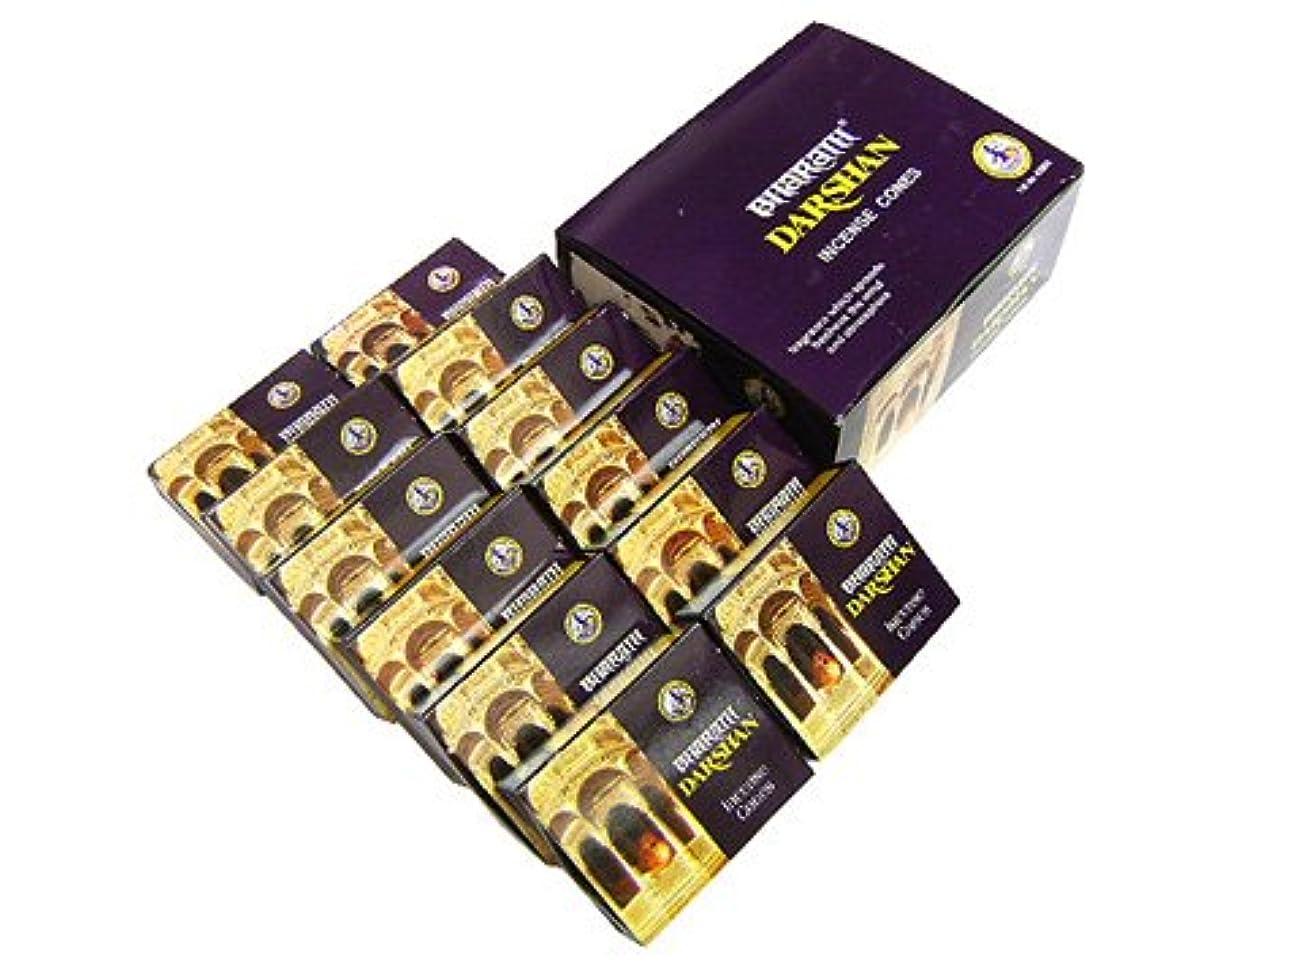 メロドラマティック大いに中古ASOKA TRADING(アショーカ トレーディング) バハラットダルシャン香コーンタイプ TRADING BHARATH DARSHAN CORN 12箱セット